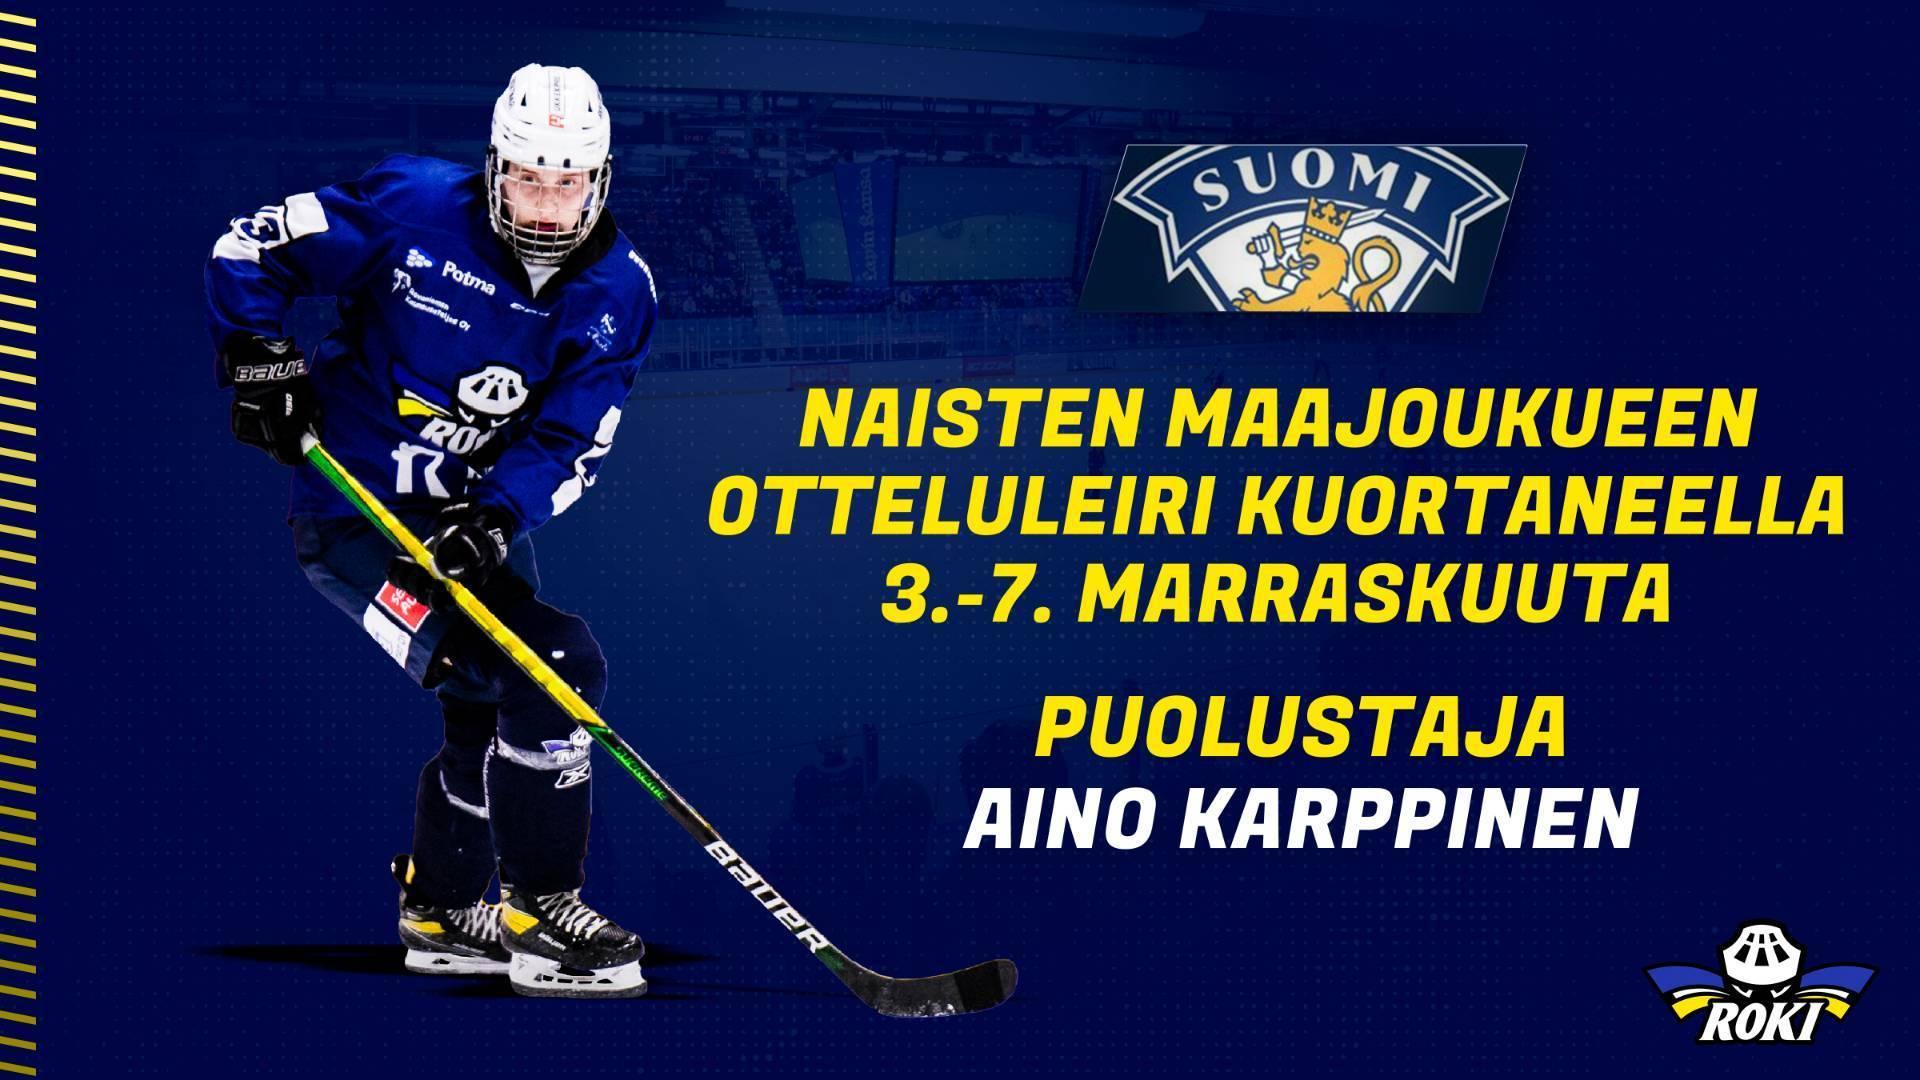 Puolustaja Aino Karppinen mukaan Naisleijonien jää- ja otteluleirille Kuortaneelle